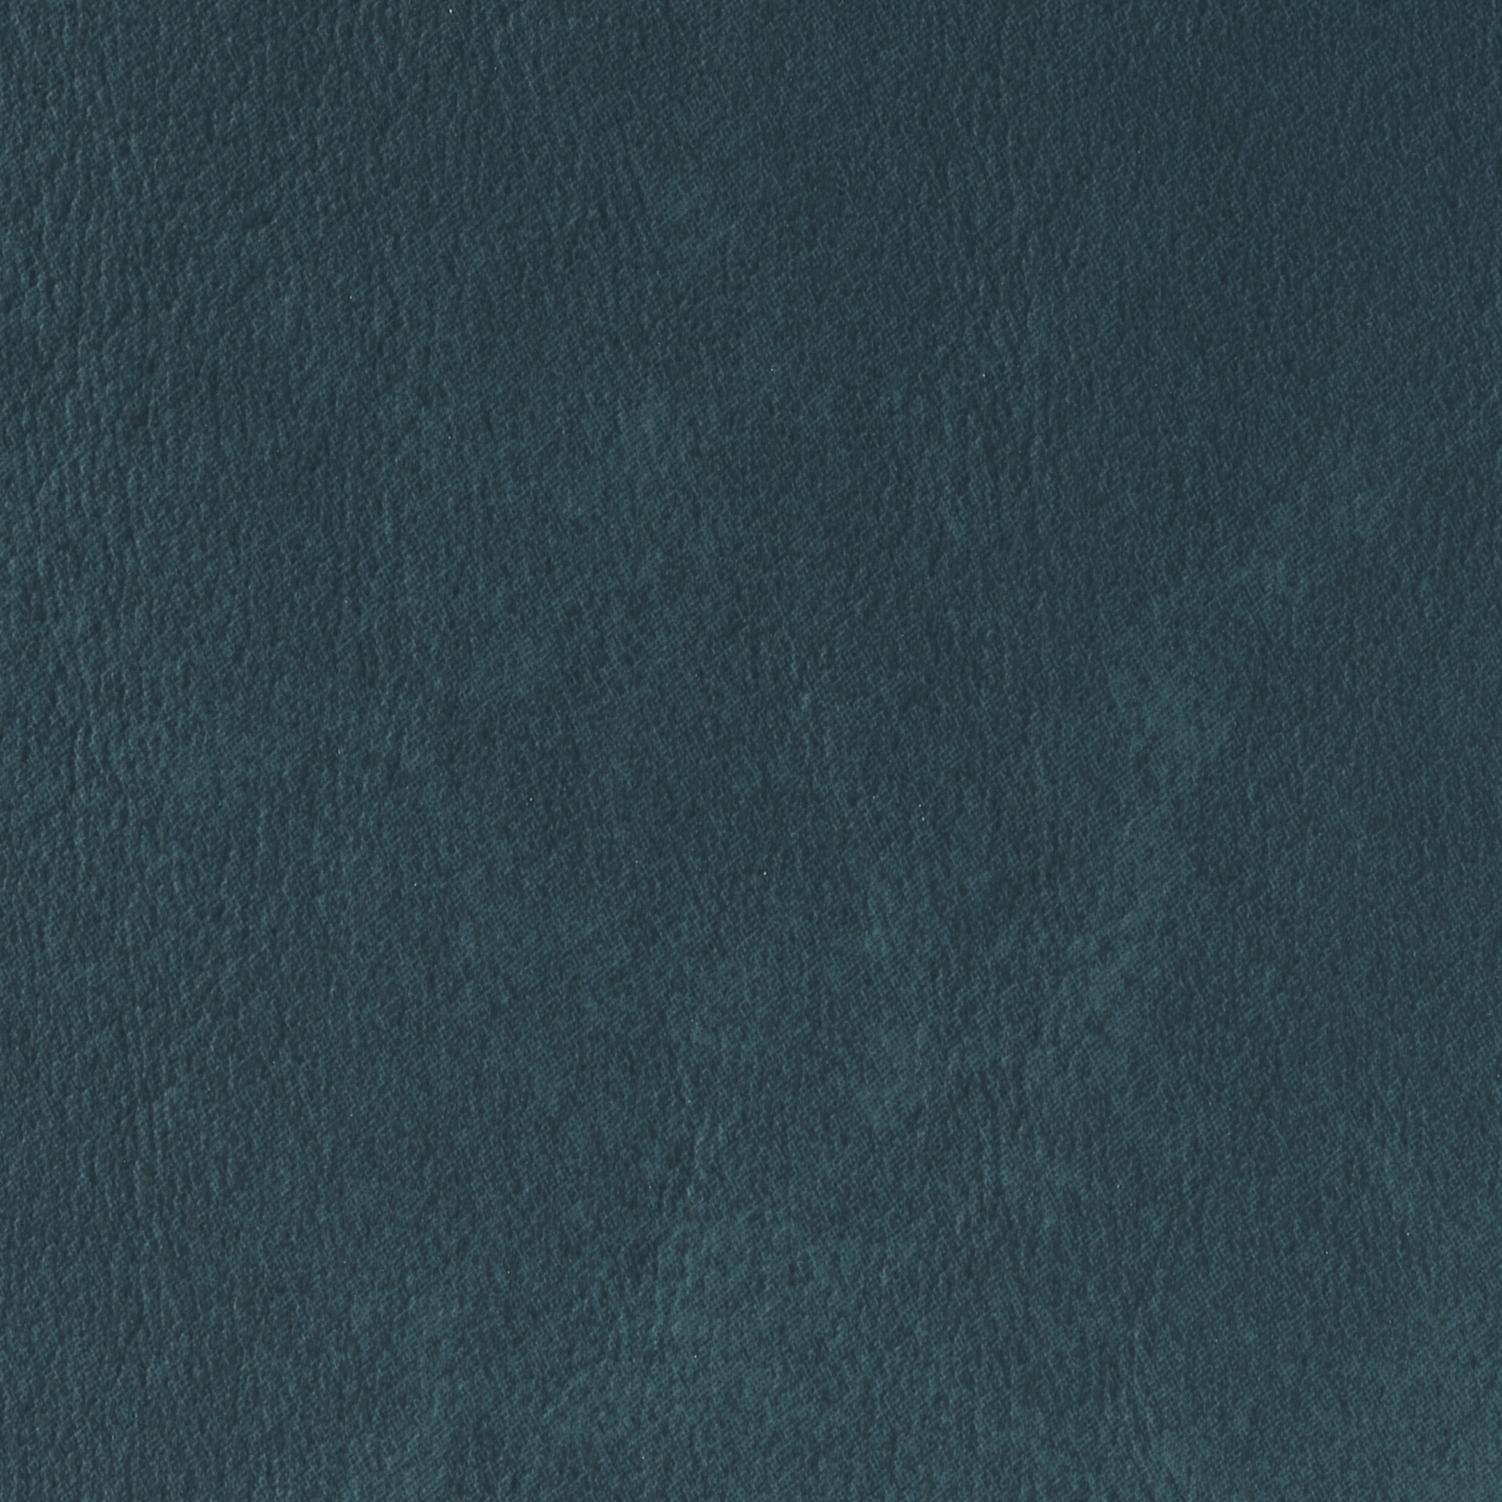 NILE BLUE   DOL-88